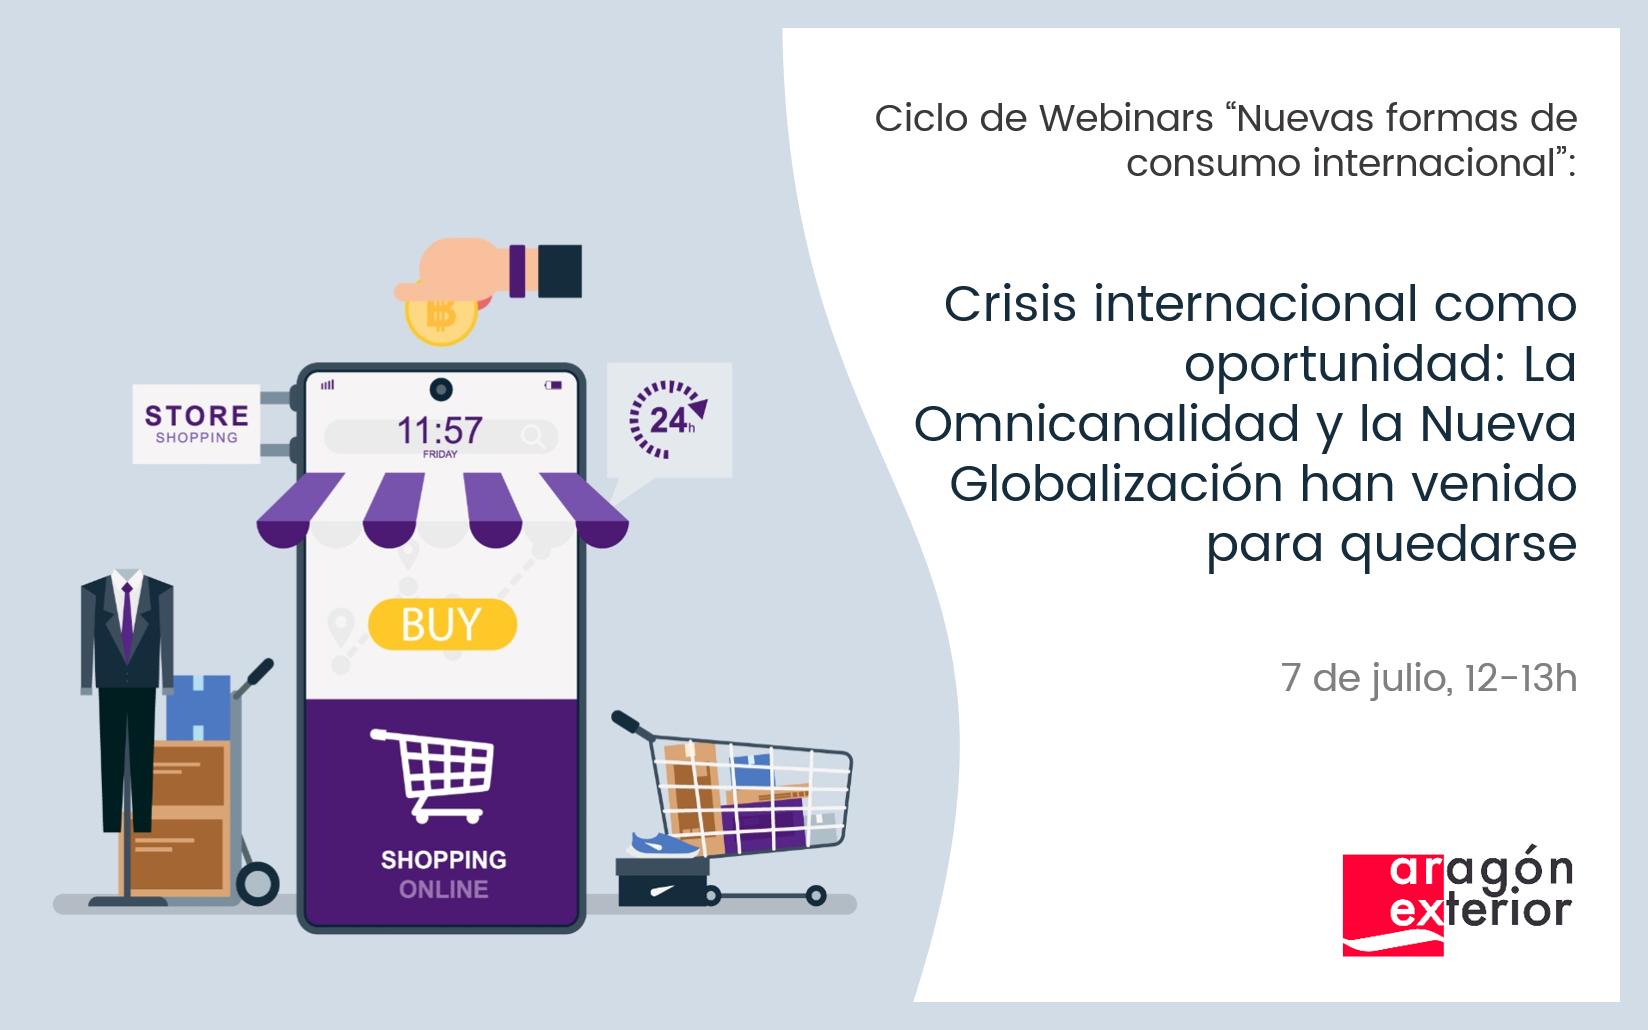 """Ciclo de webinars """"Nuevas formas de consumo internacional"""". Crisis internacional como oportunidad: La Omnicanalidad y la Nueva Globalización han venido para quedarse"""